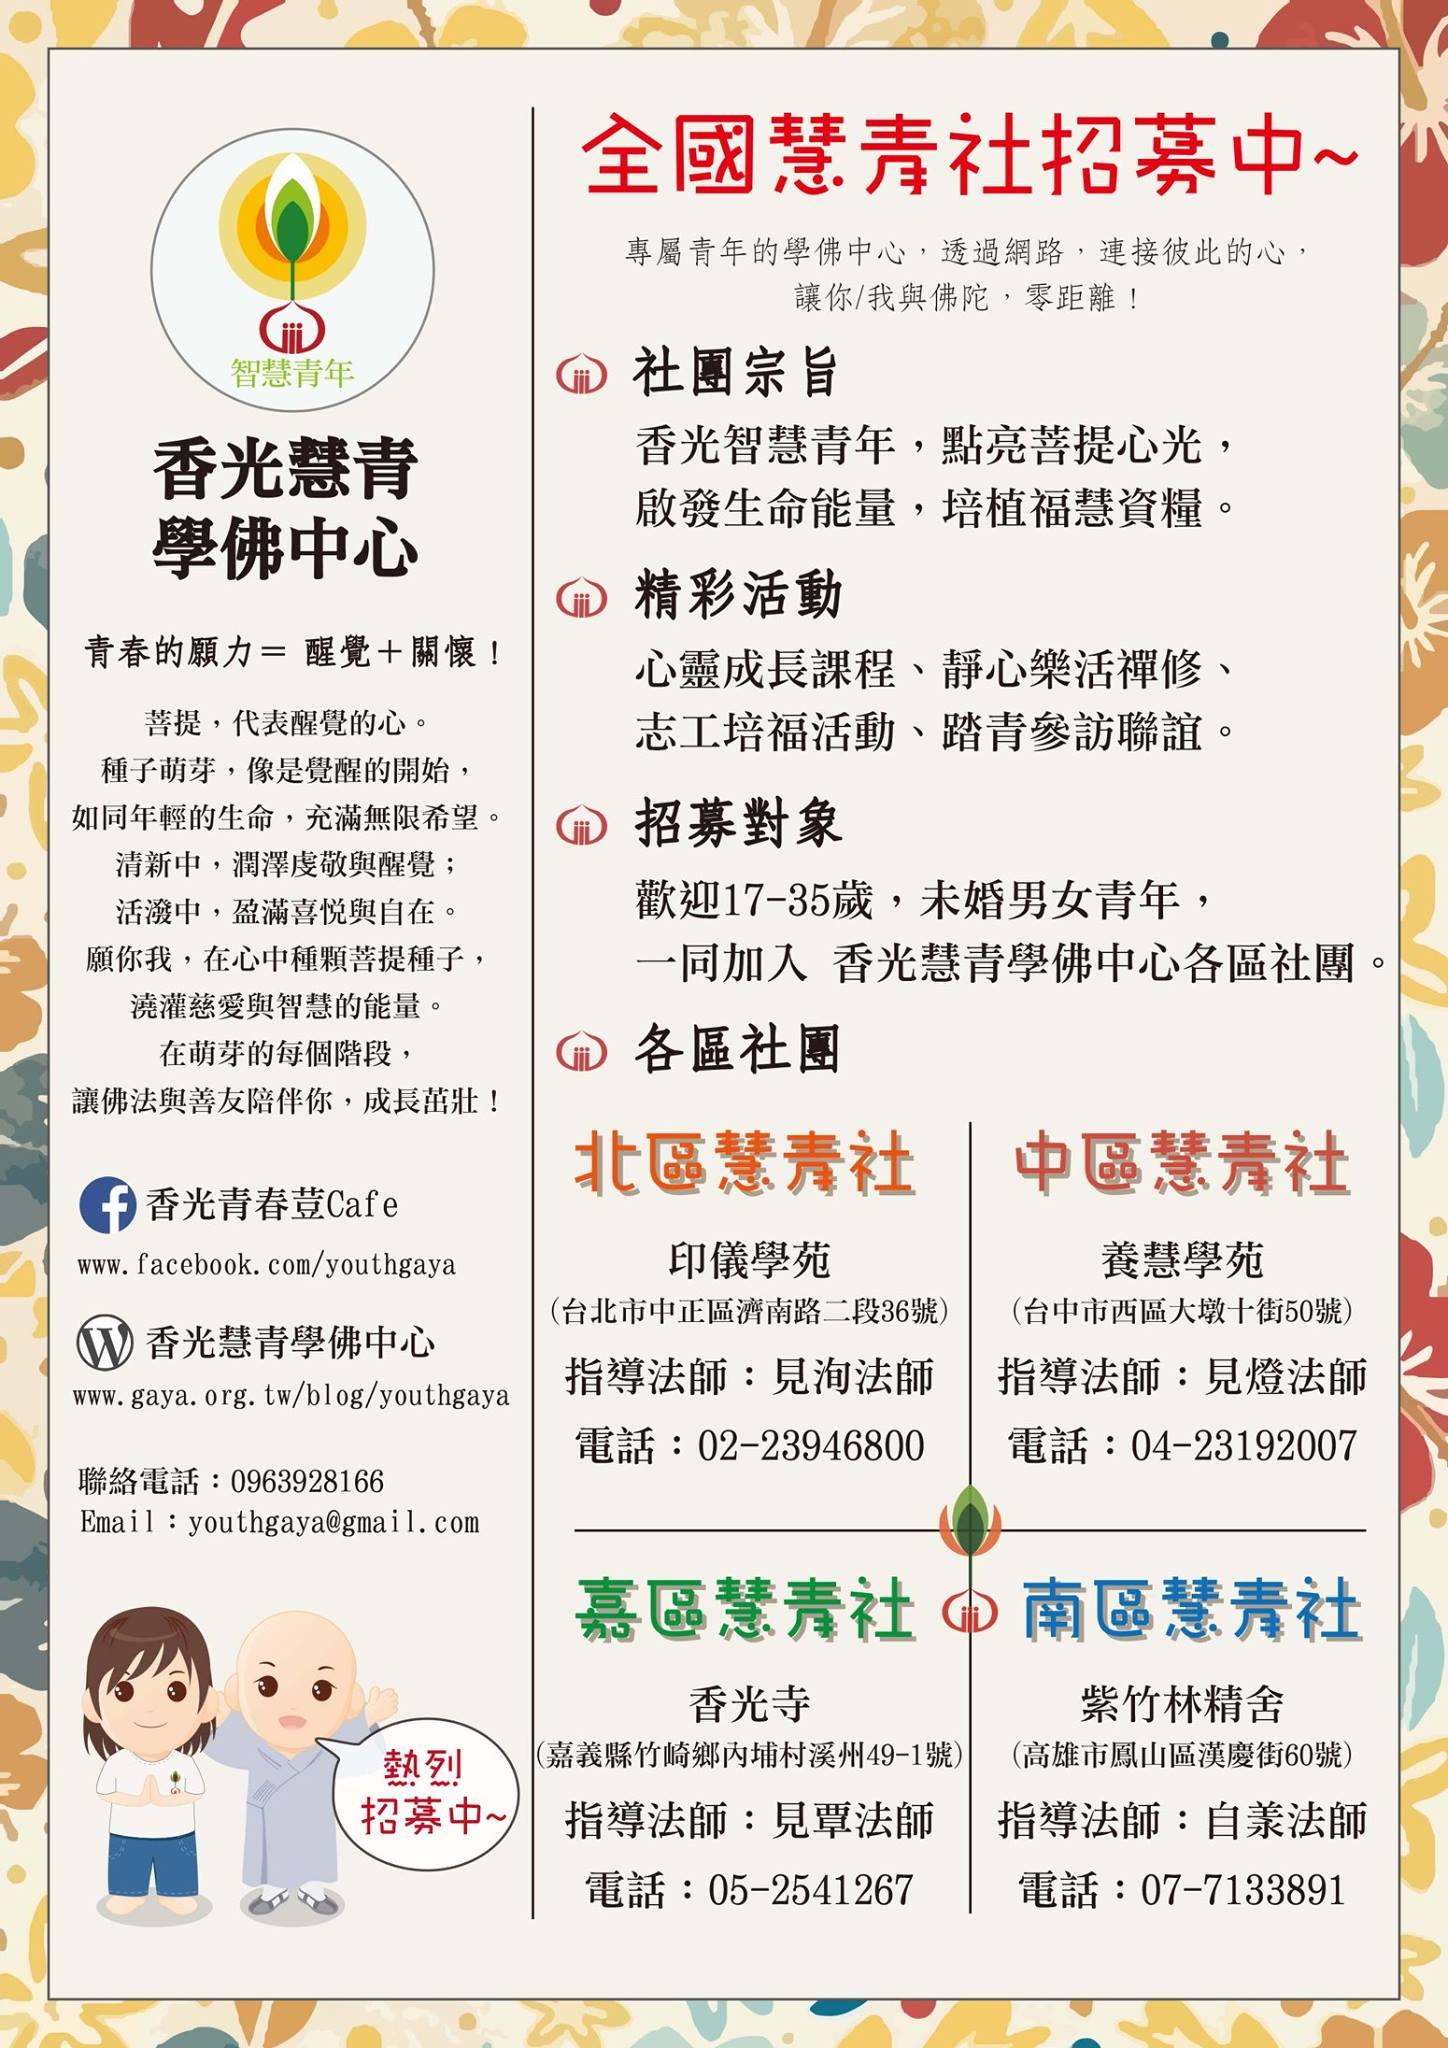 全國慧青社招募中